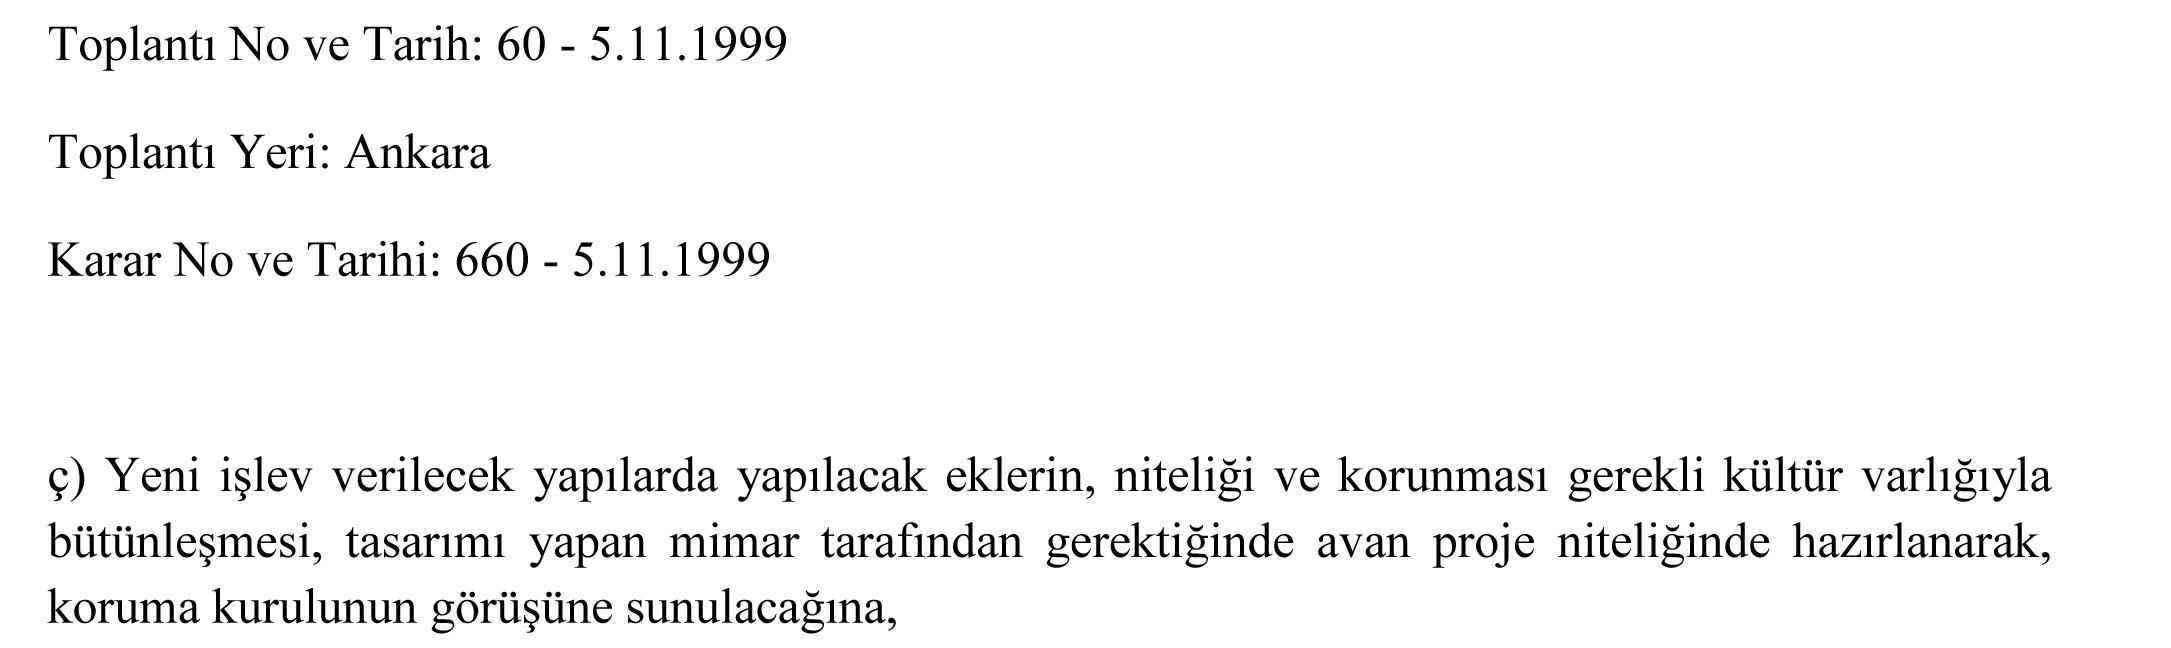 660 Sayılı İlke Kararı, Ç Maddesi.jpg